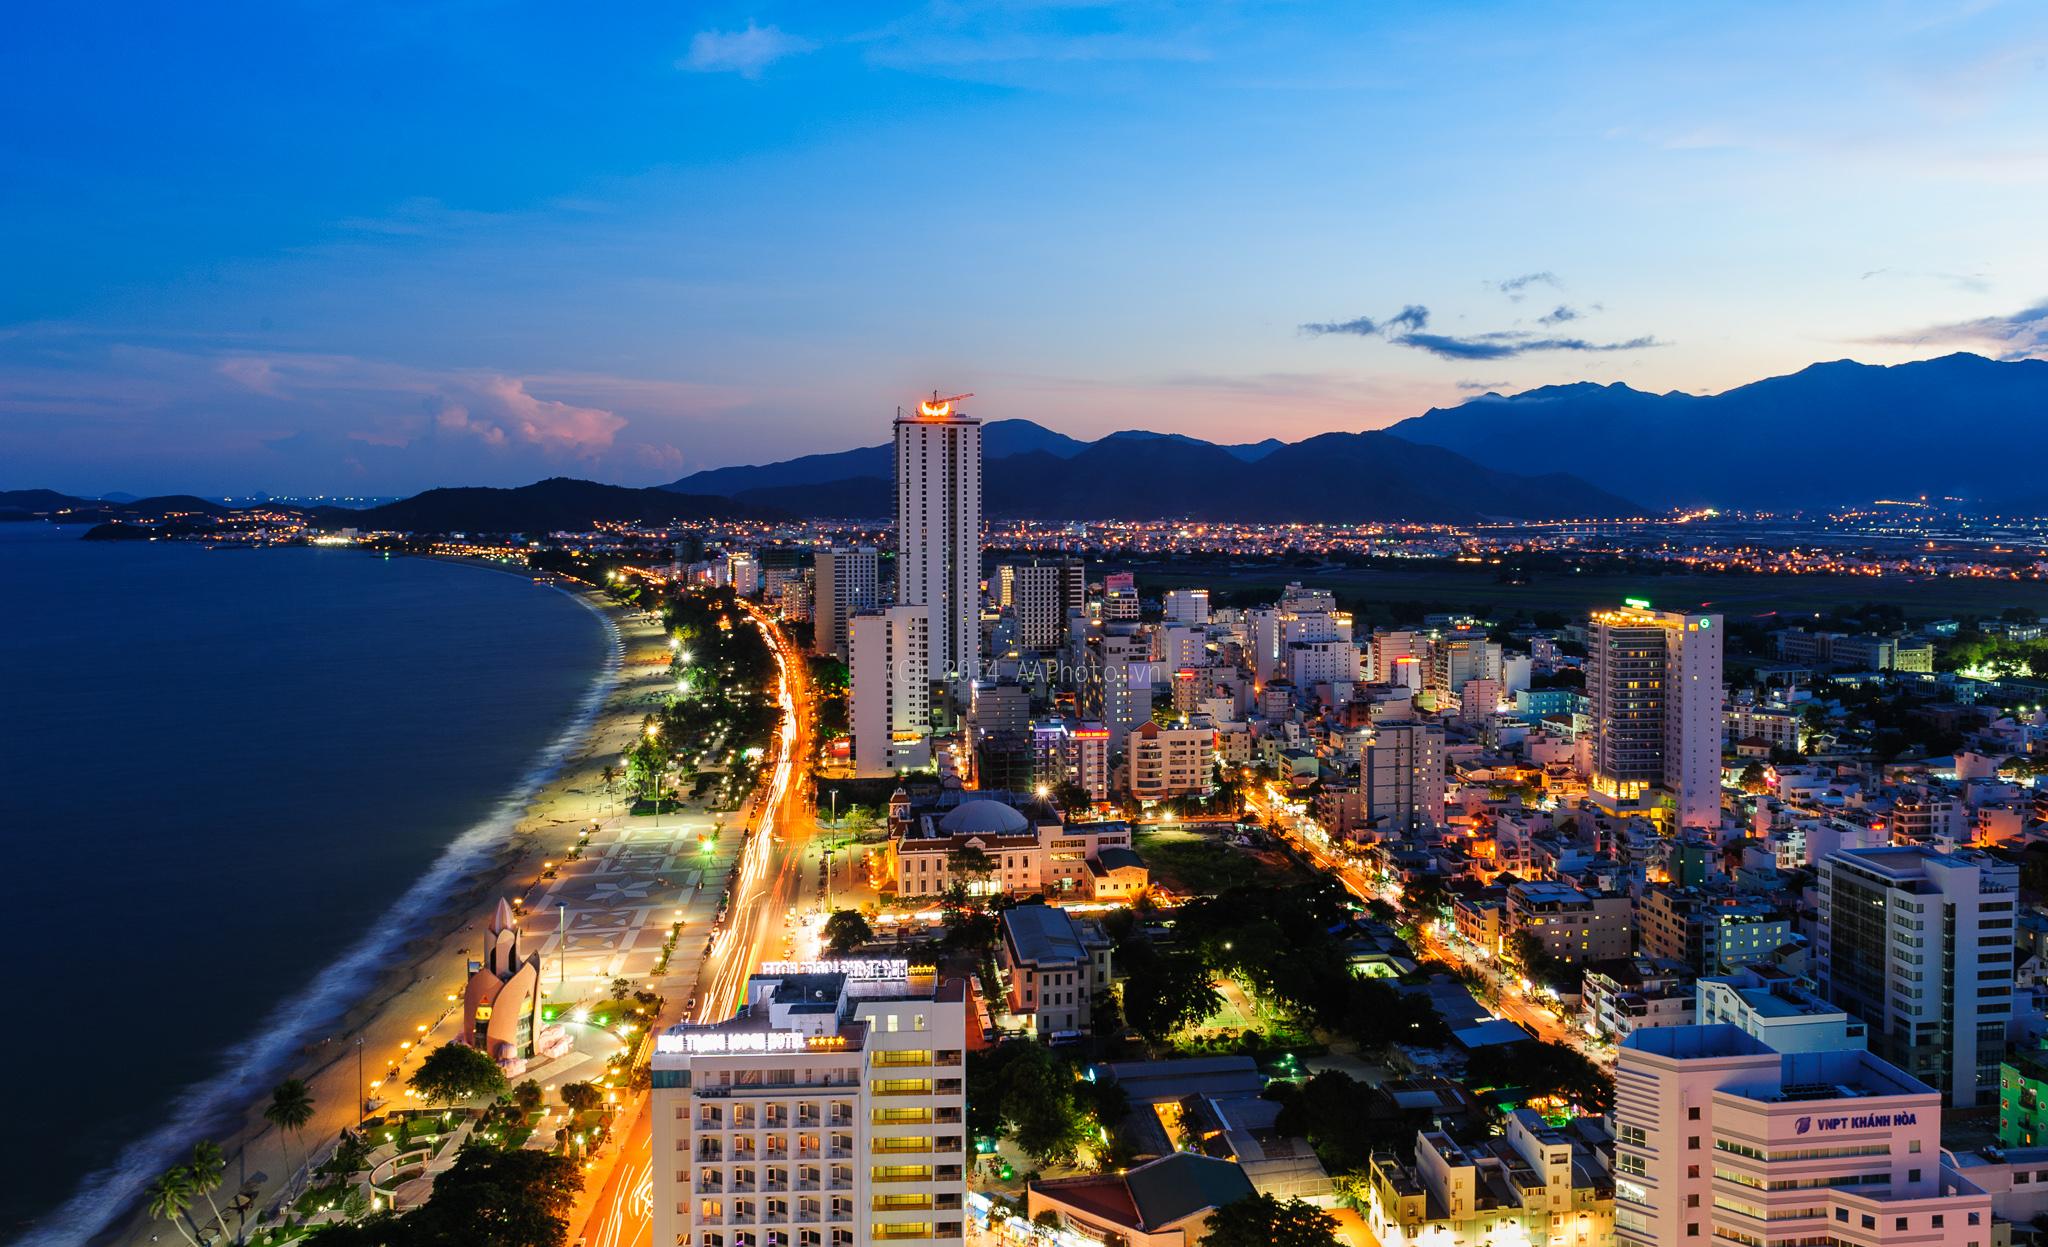 Đặt phòng homestay ở Nha Trang cần chú ý những điều gì